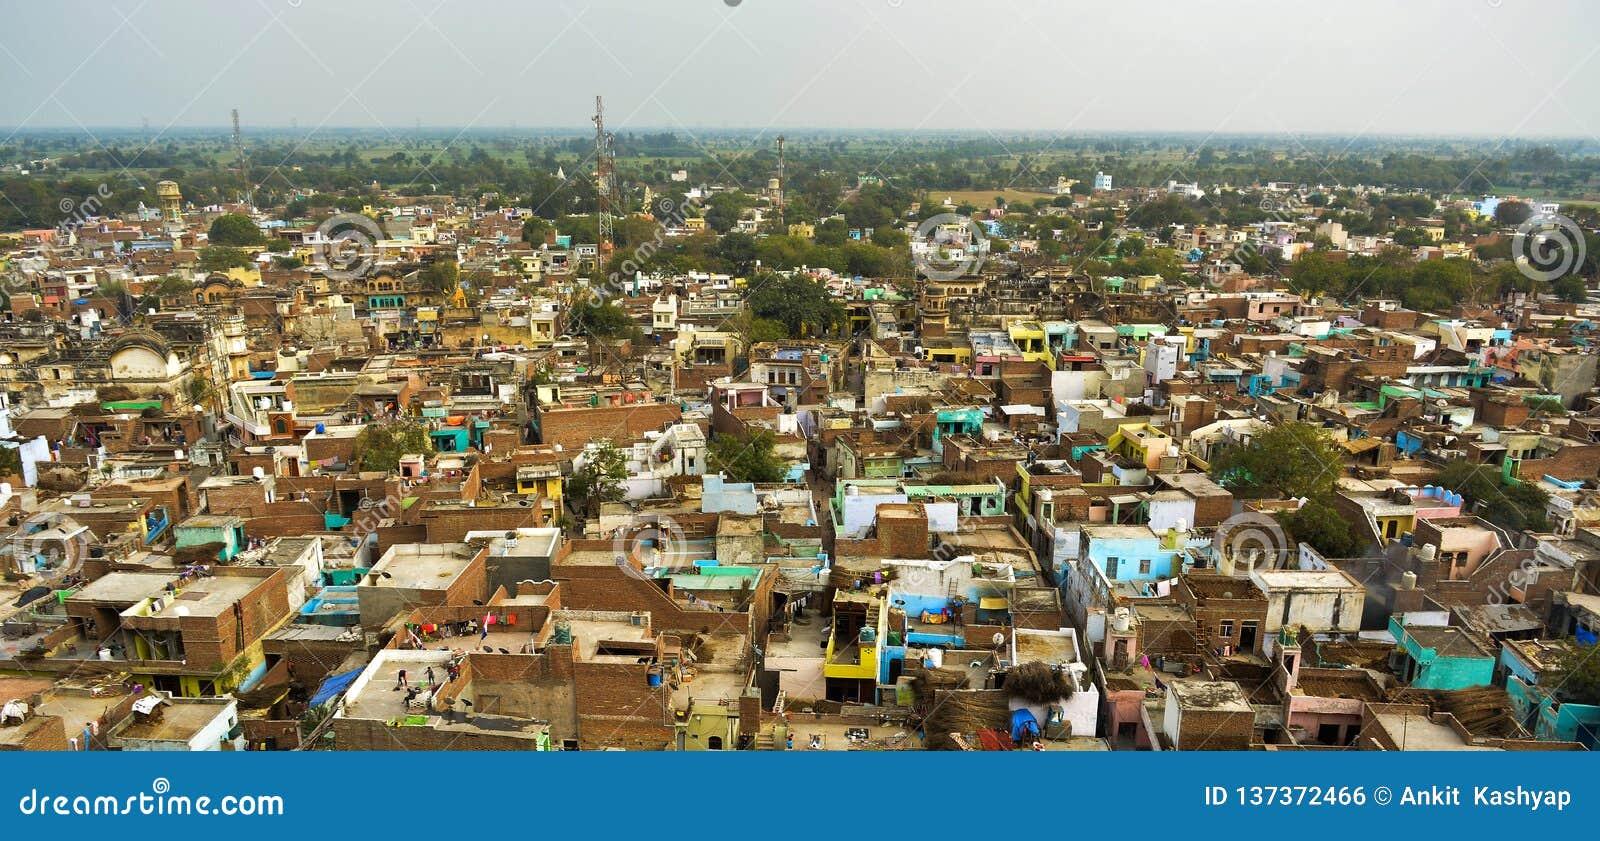 Tiro del panorama de Ariel de una ciudad con el gran número de pequeñas casas con verdor alrededor de él